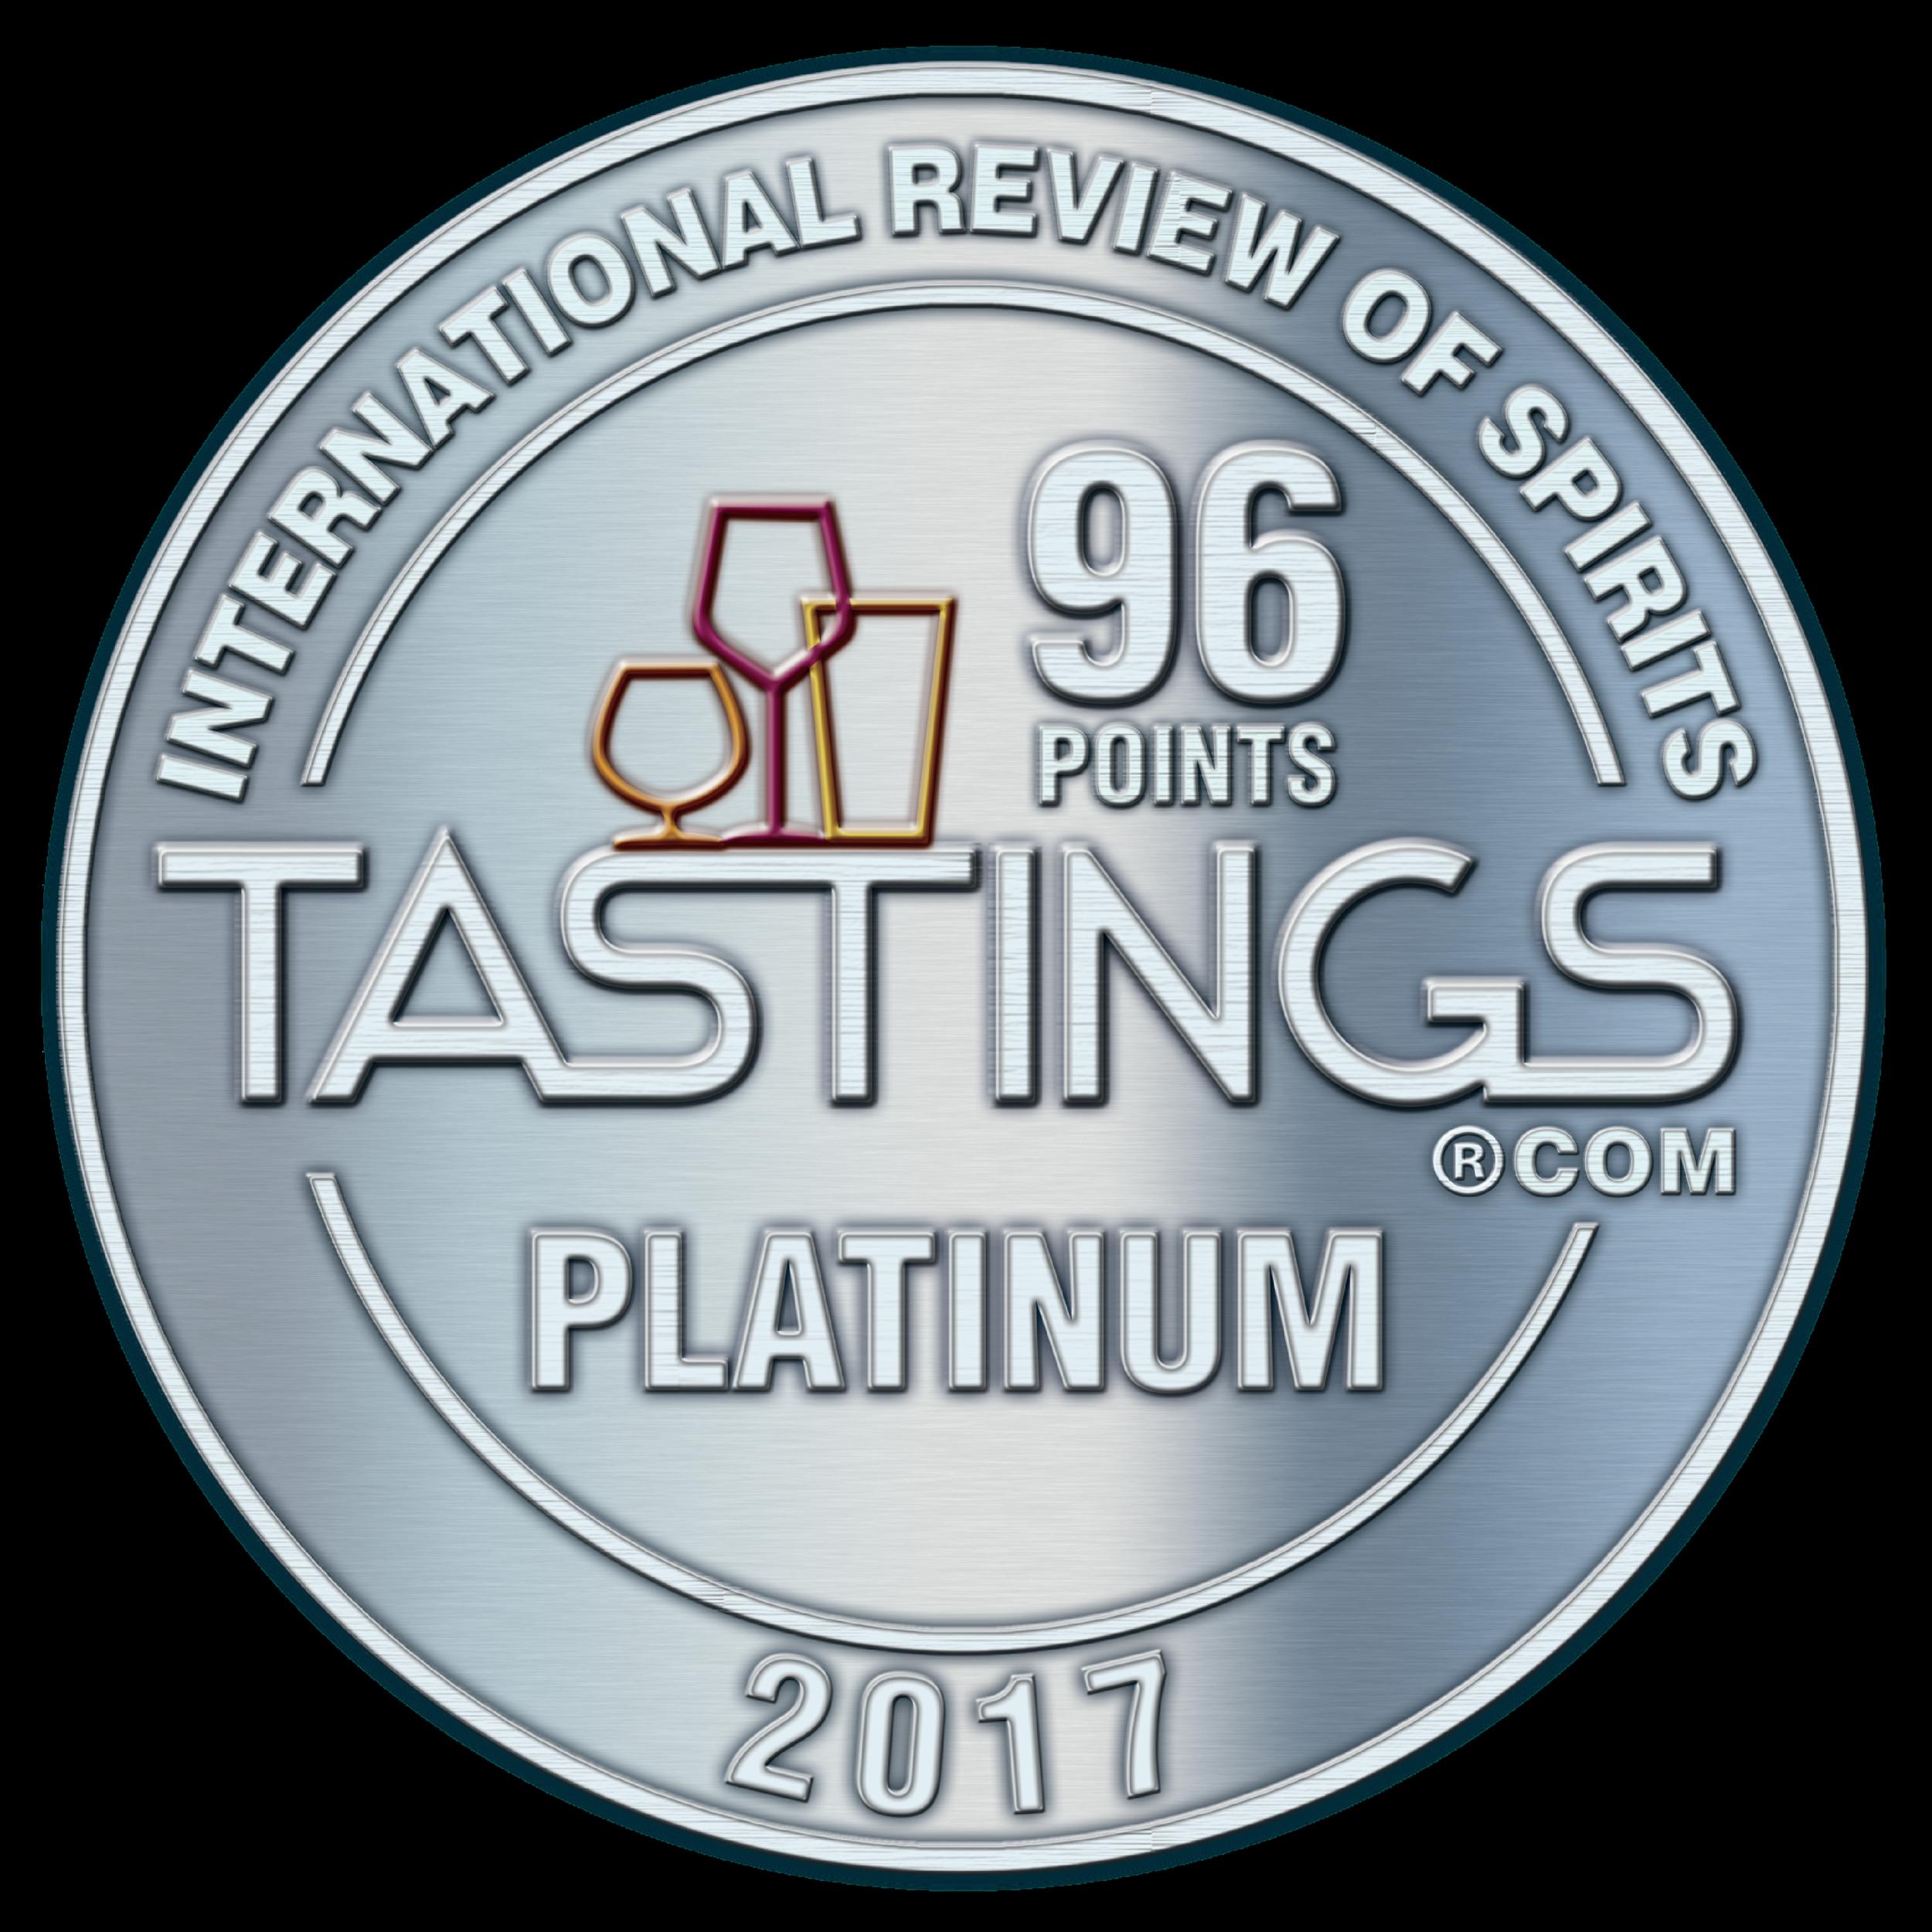 Beverage Testing Institute Platinum Medal 2017